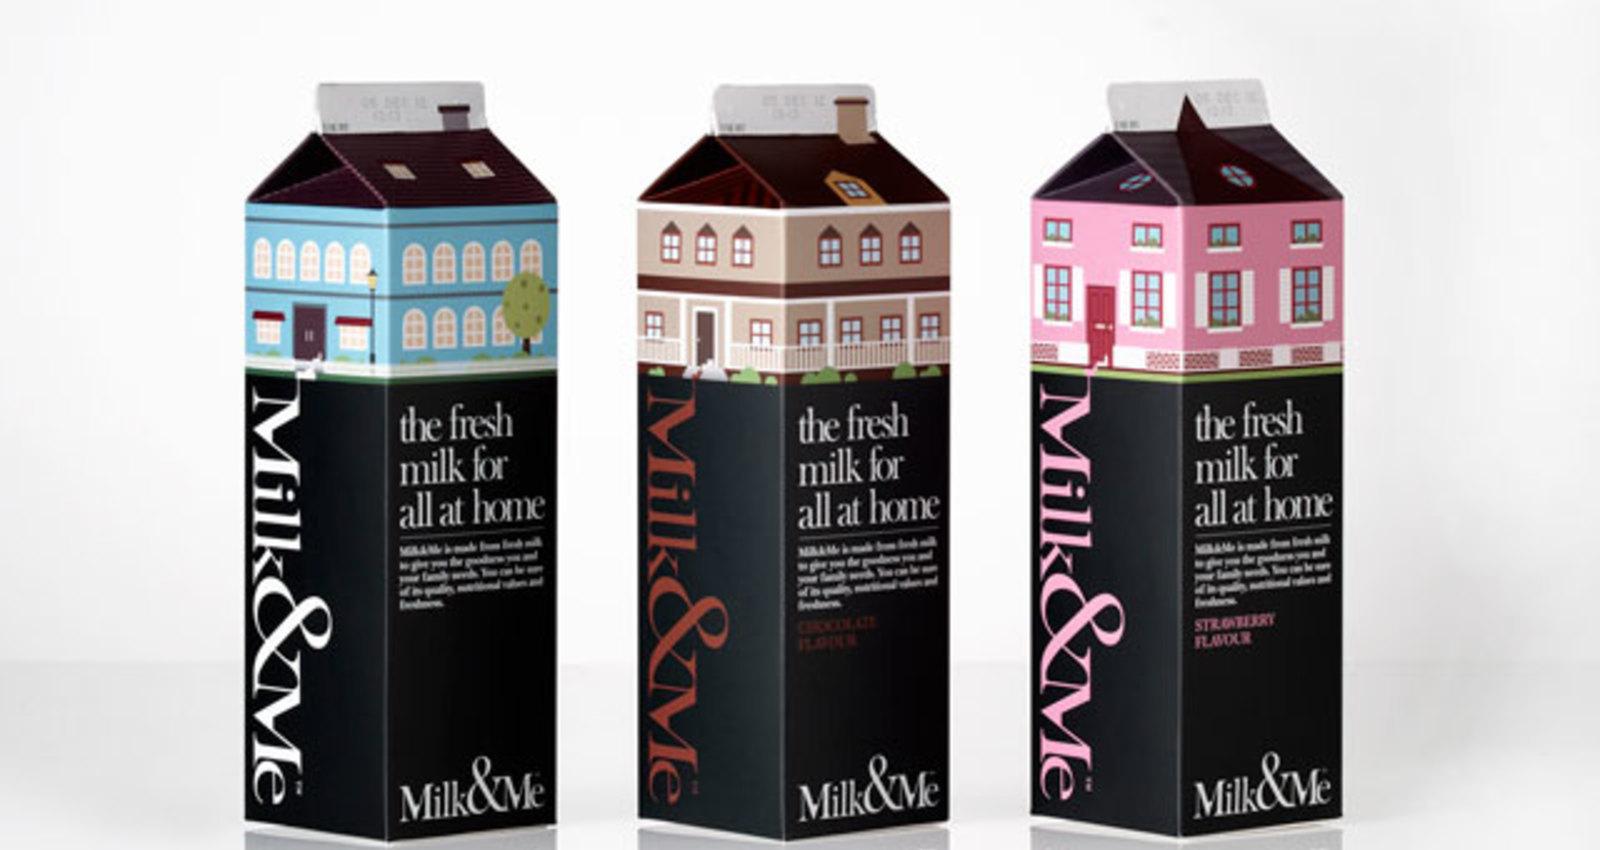 Milk & Me